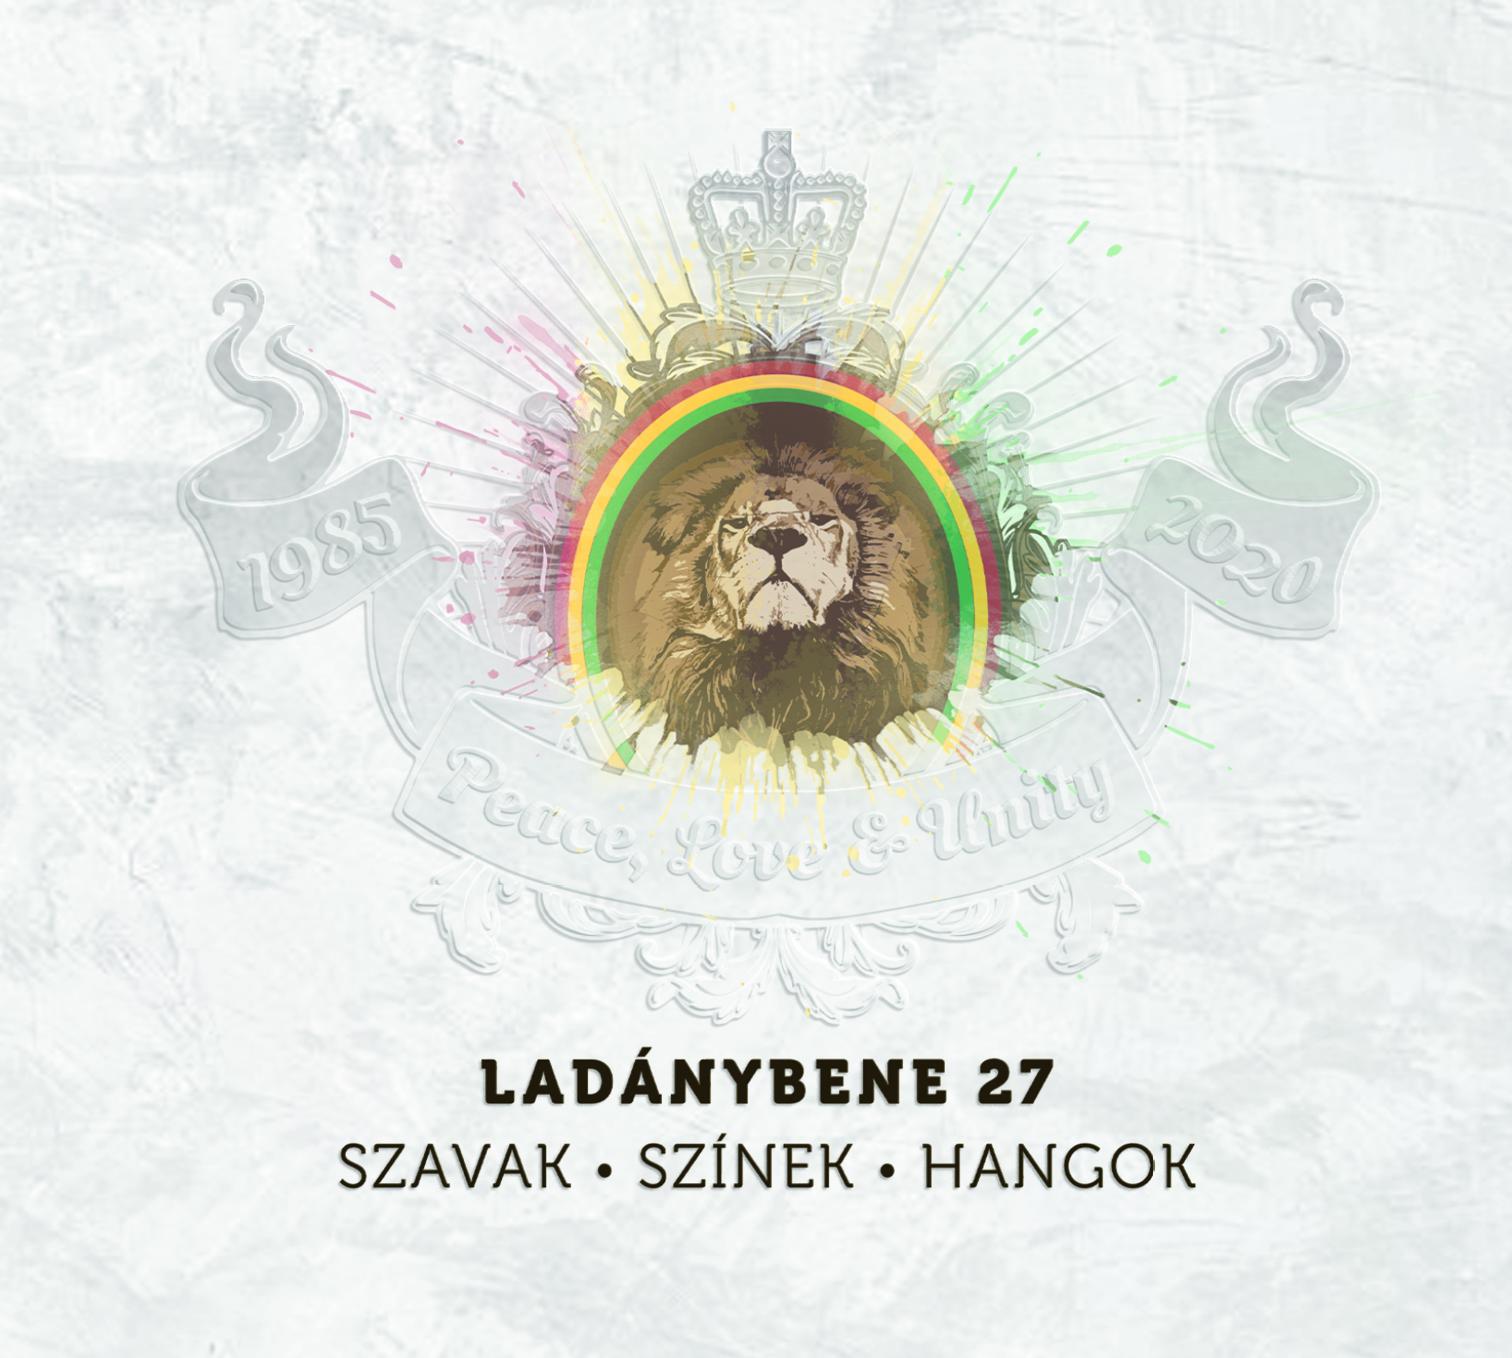 lb27_szavak_szinek_hangok_cd_cover_front.jpg